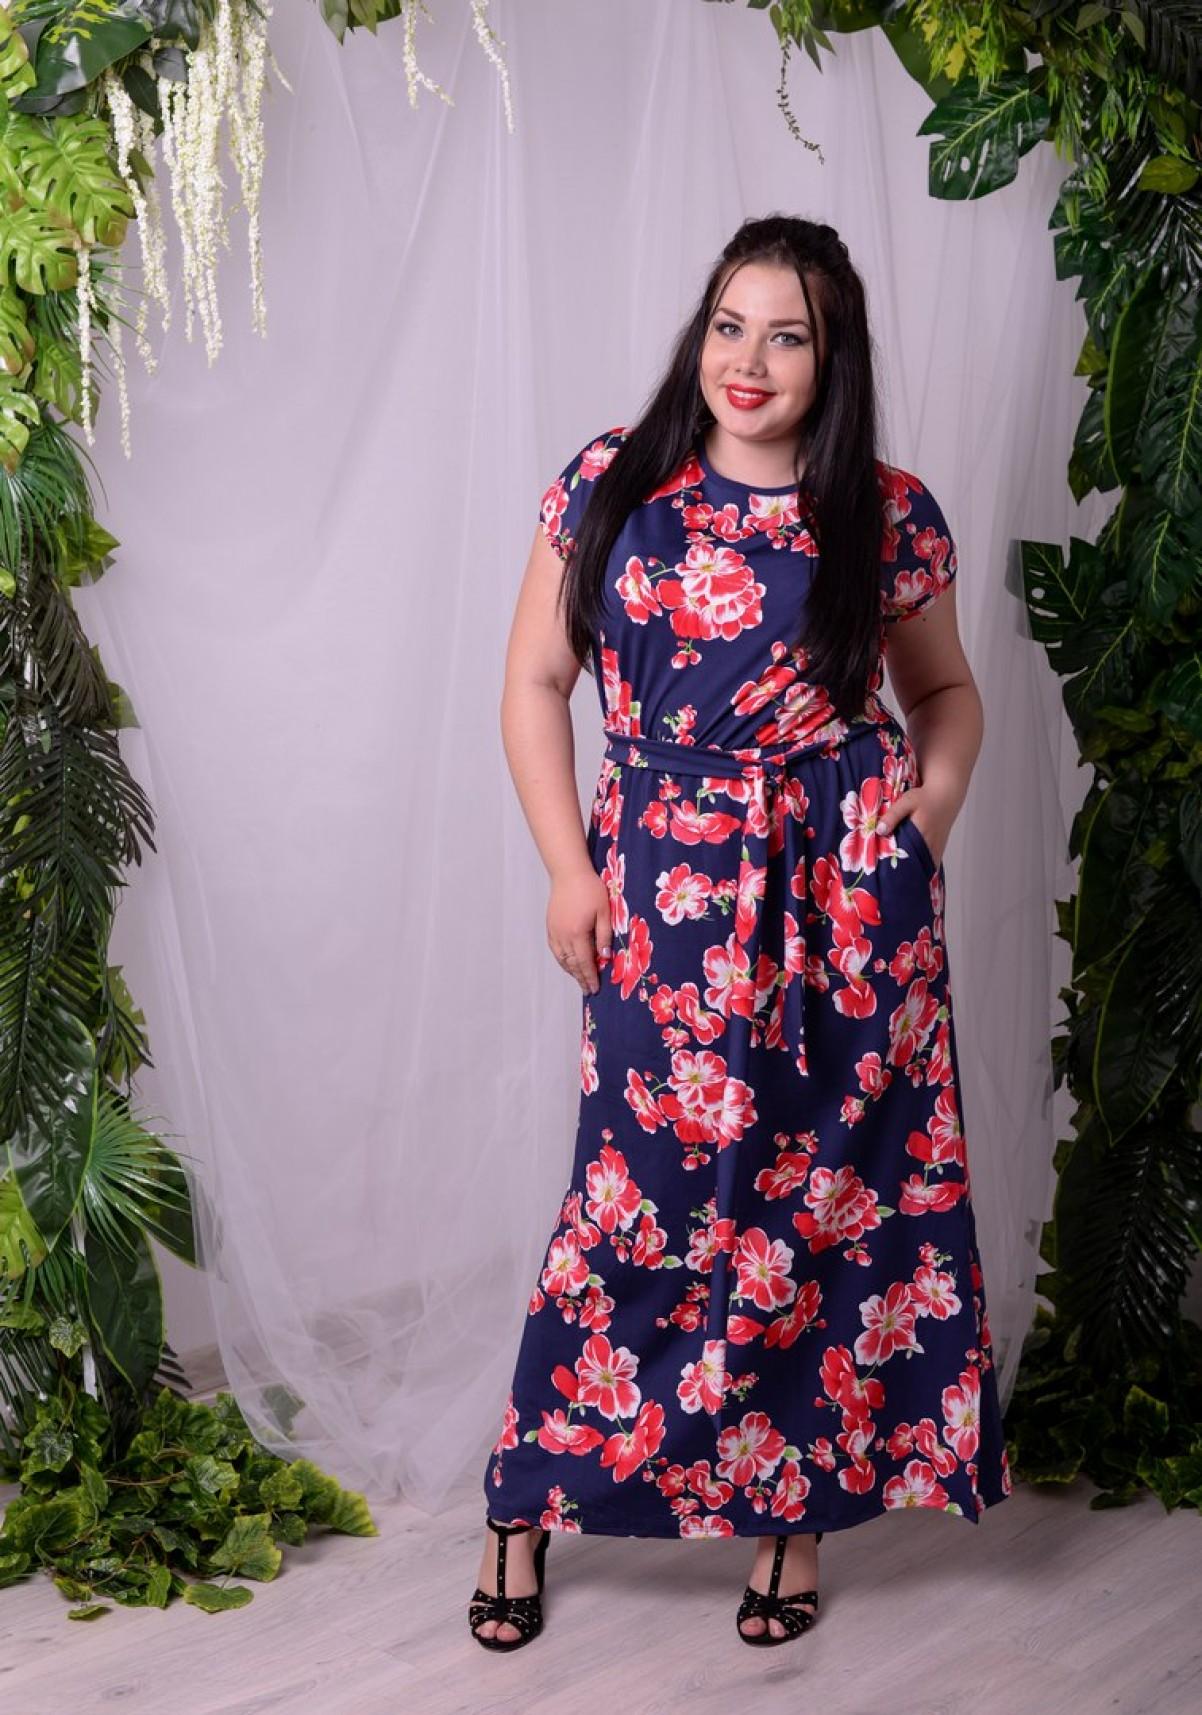 модные тенденции весна лето 2019: платье синее в цветы длина макси